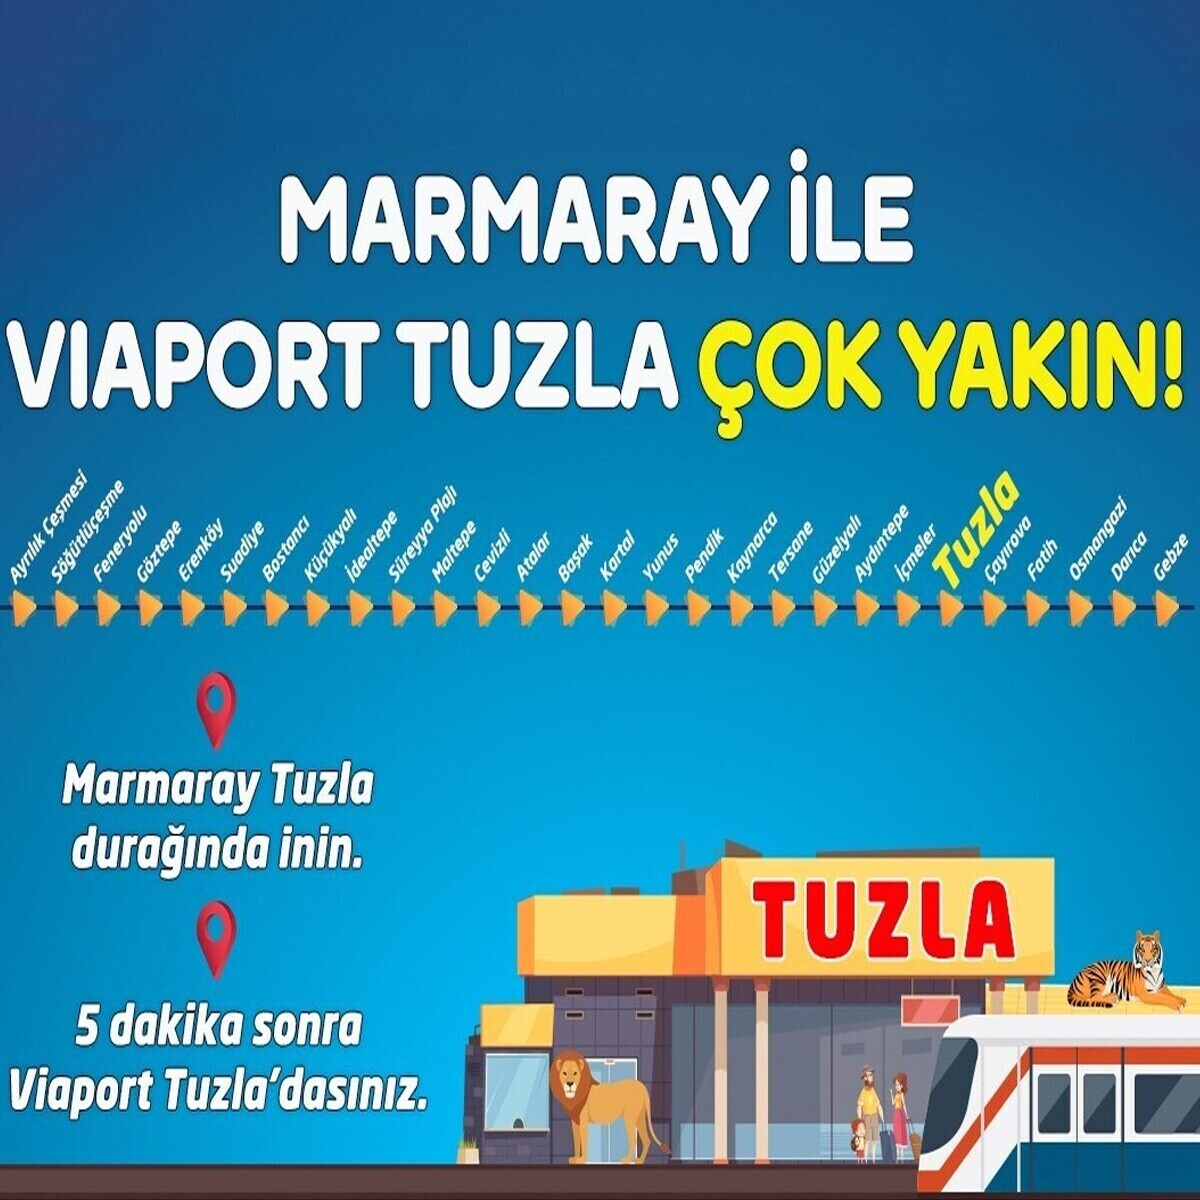 Aslan Park Viaport Marina Giriş Bileti